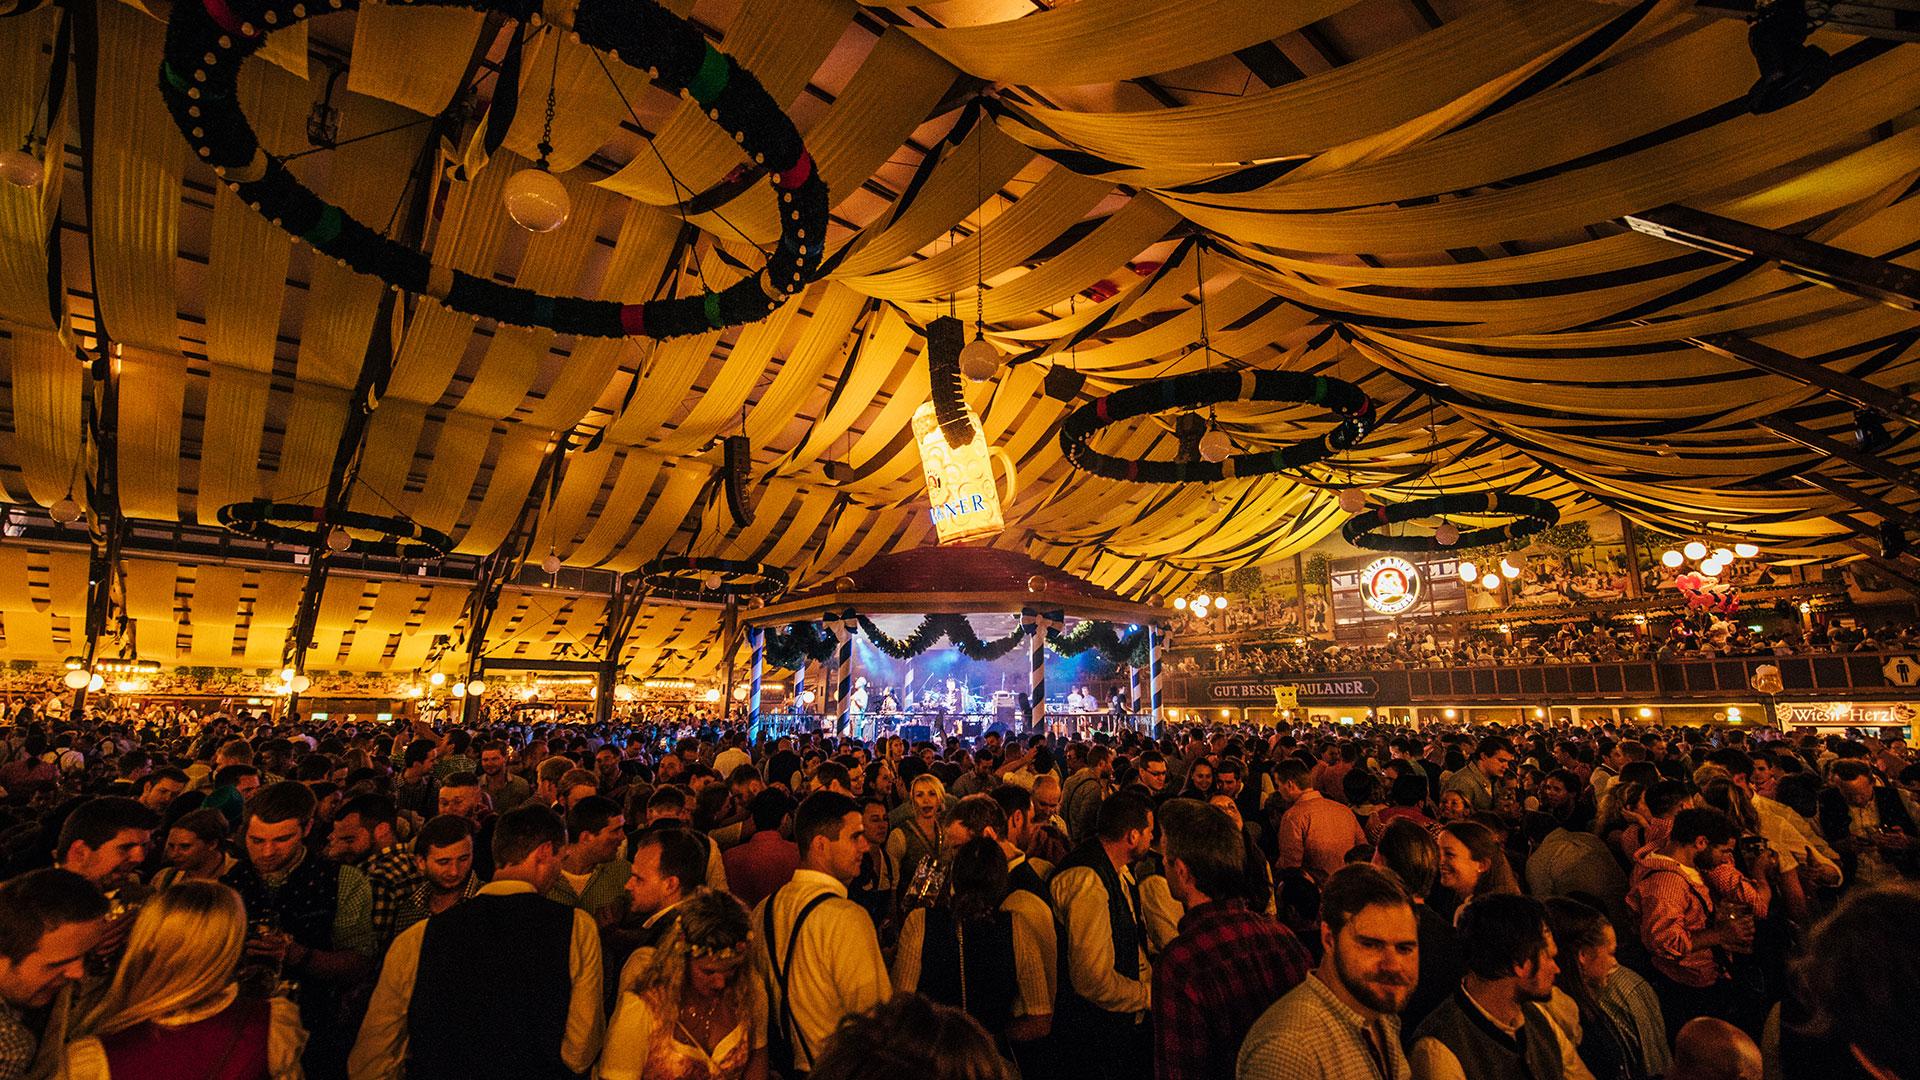 Paulaner_Oktoberfest2019_JB-Lighting_P18_Dora_Showtechnik_4.jpg